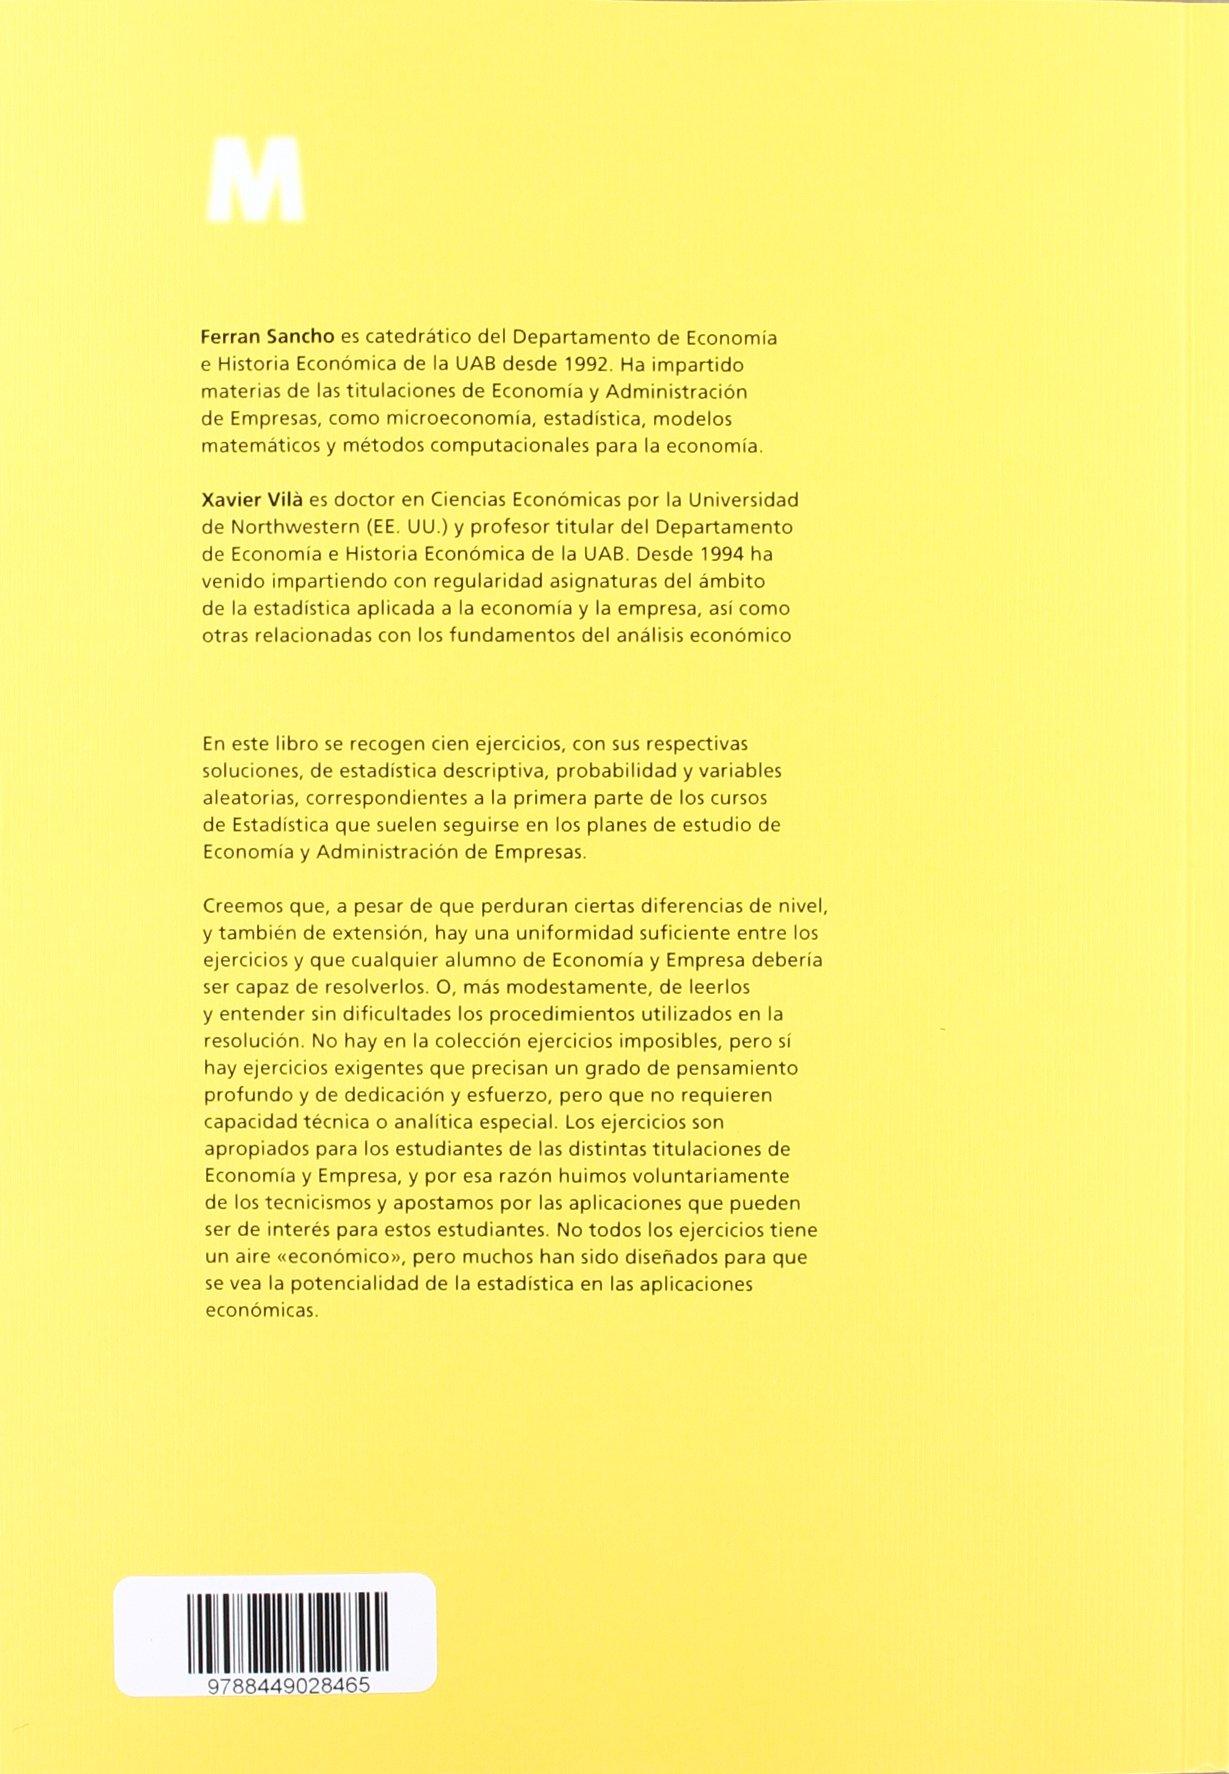 100 ejercicios resueltos de estadstica bsica para economa y empresa materials